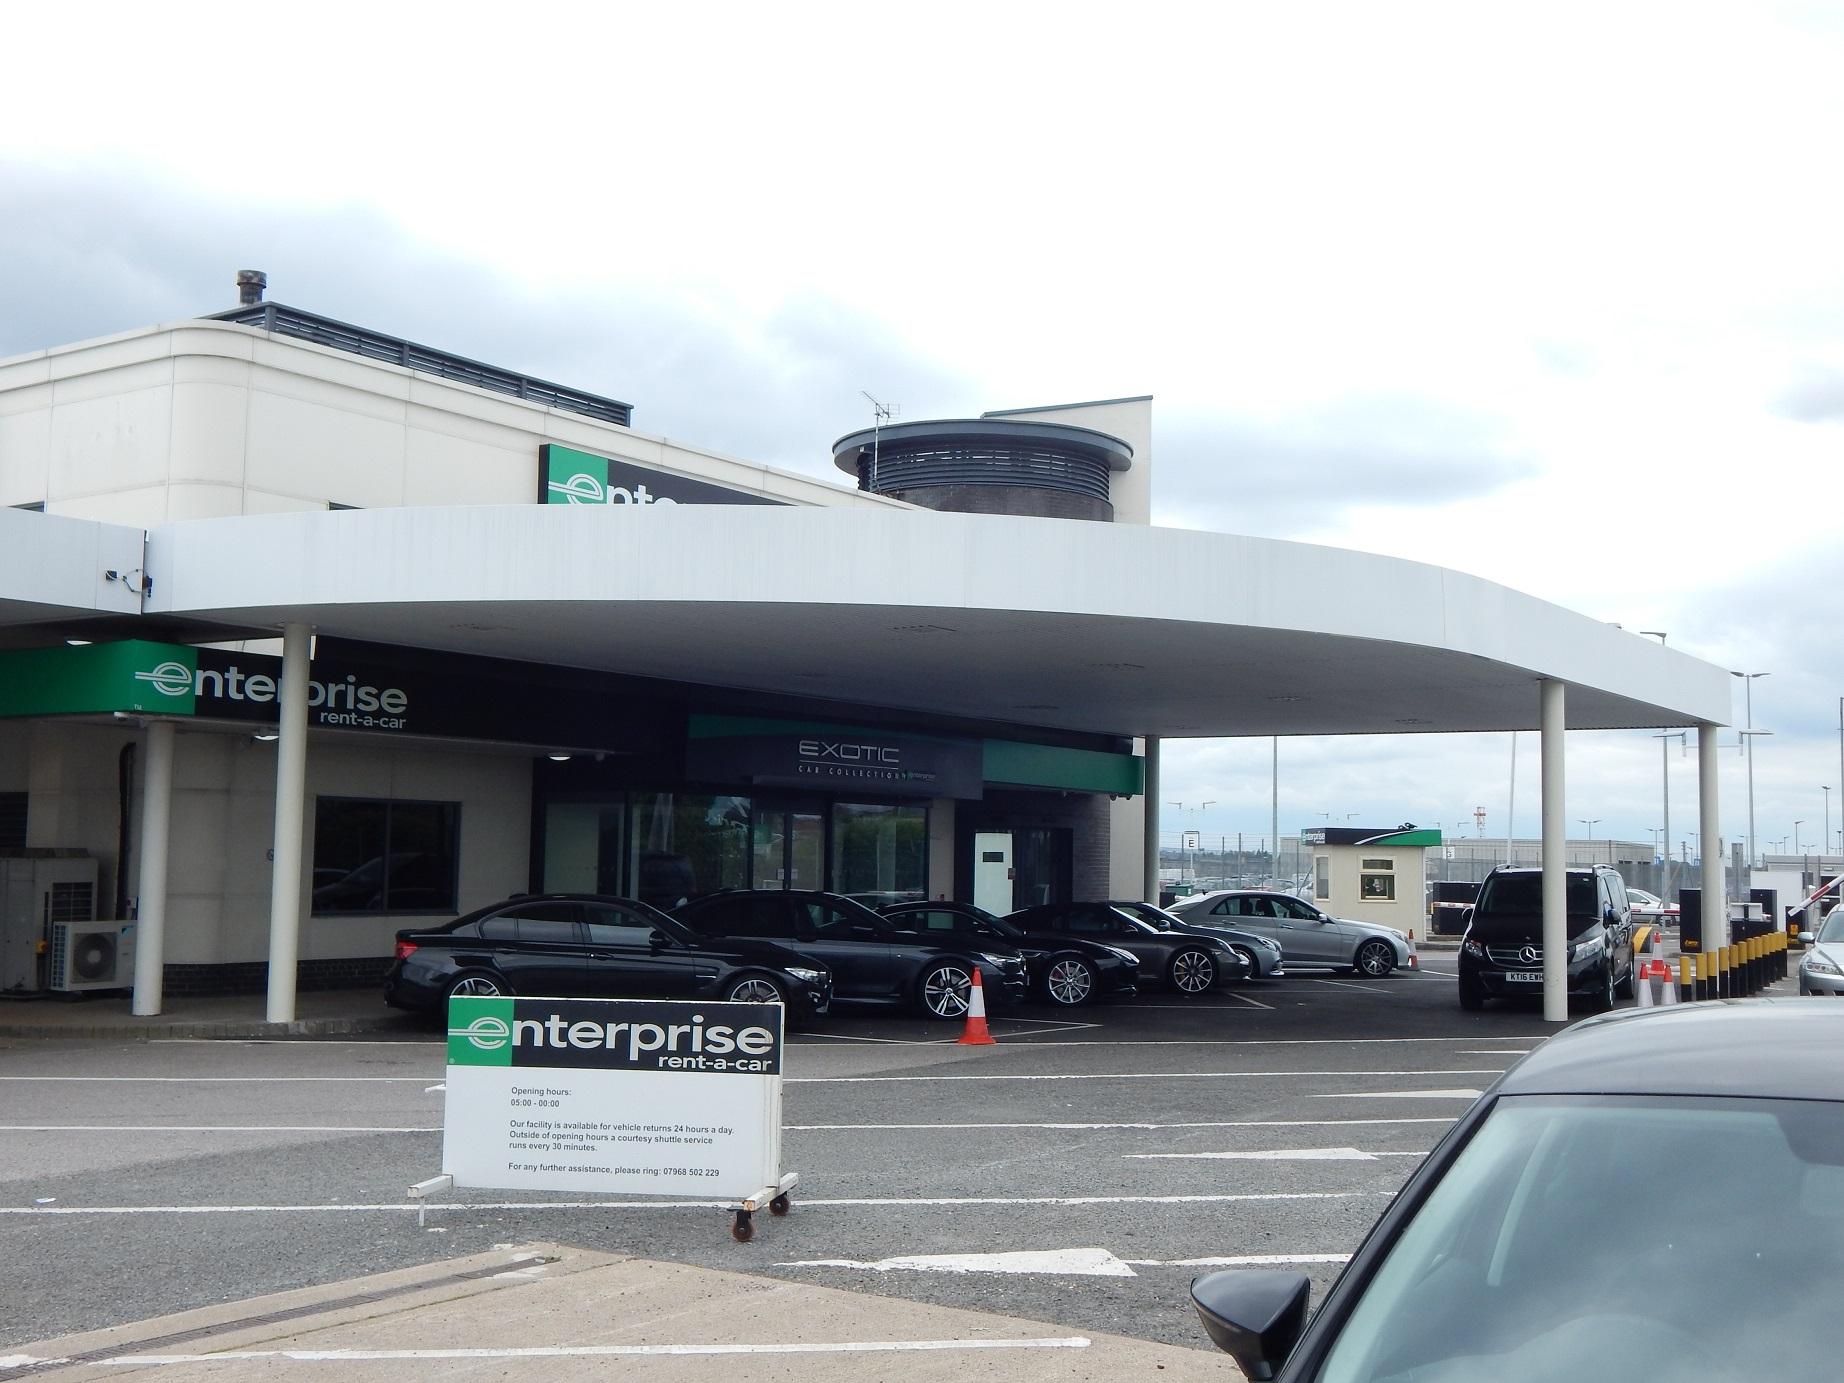 Enterprise Rent A Car At Heathrow Airport